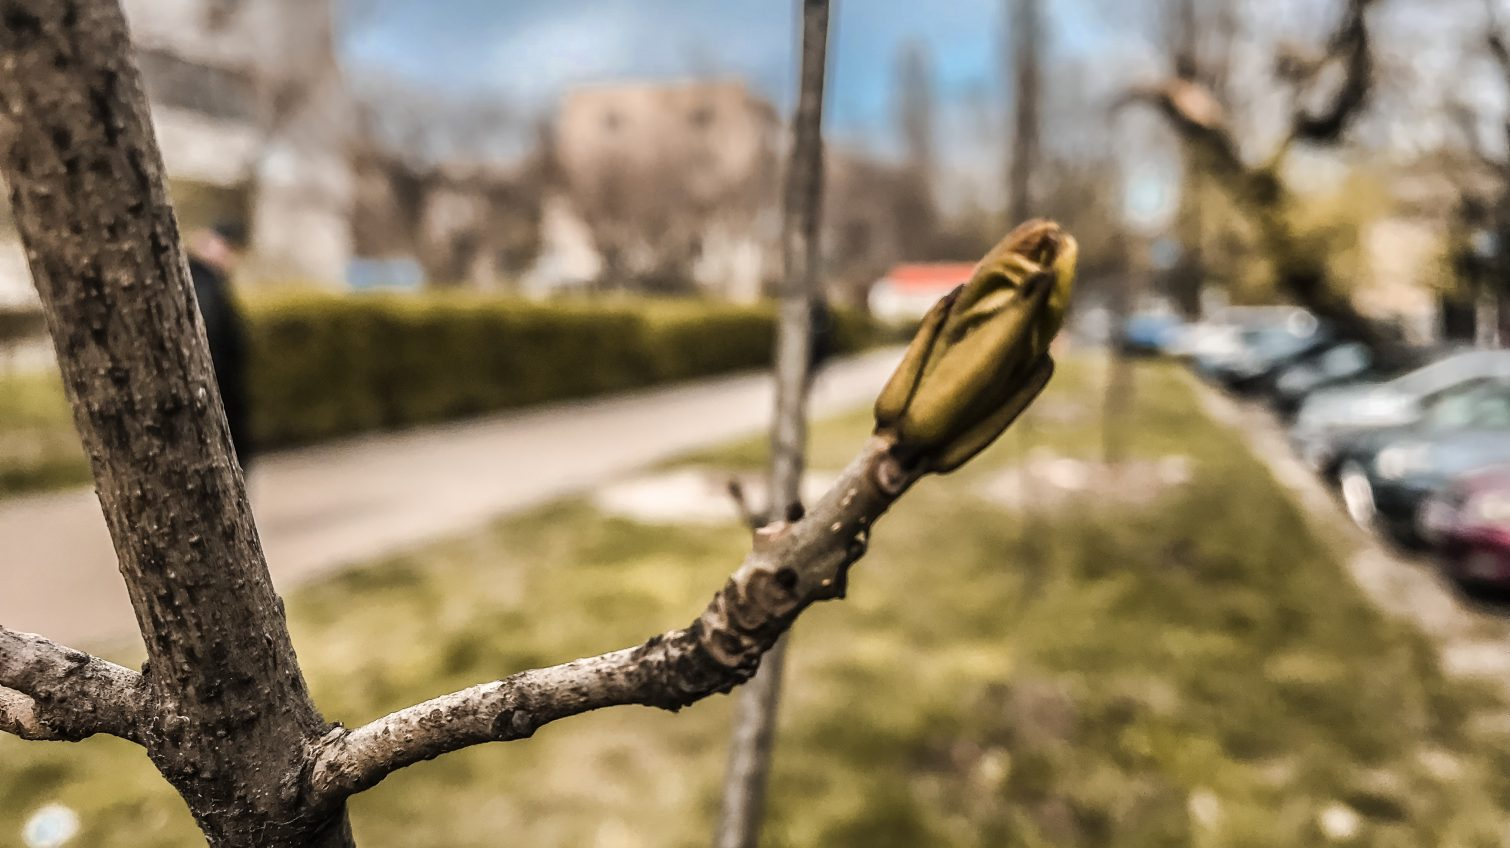 В Одессе появились две новые аллеи: жители города высадили саженцы «Райских» яблонь и дубов (фото) «фото»